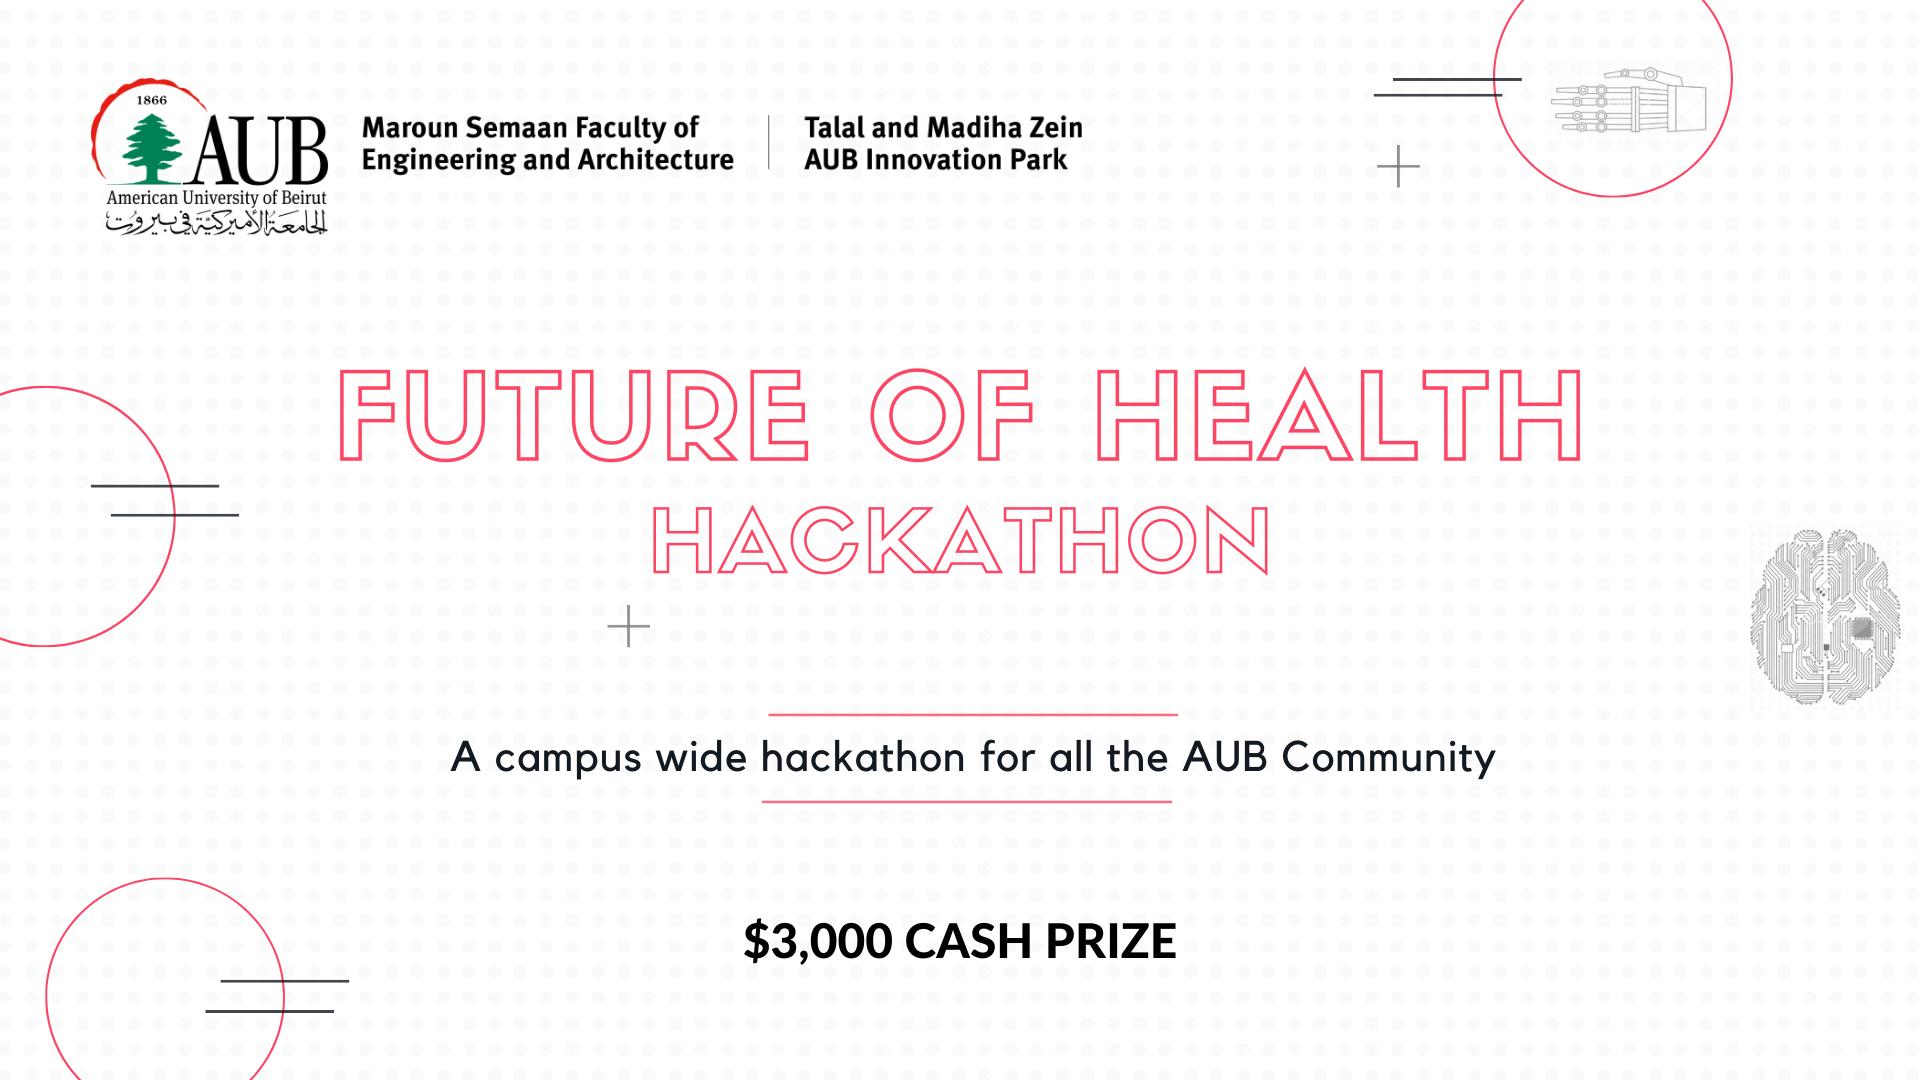 Future of Health Hackathon